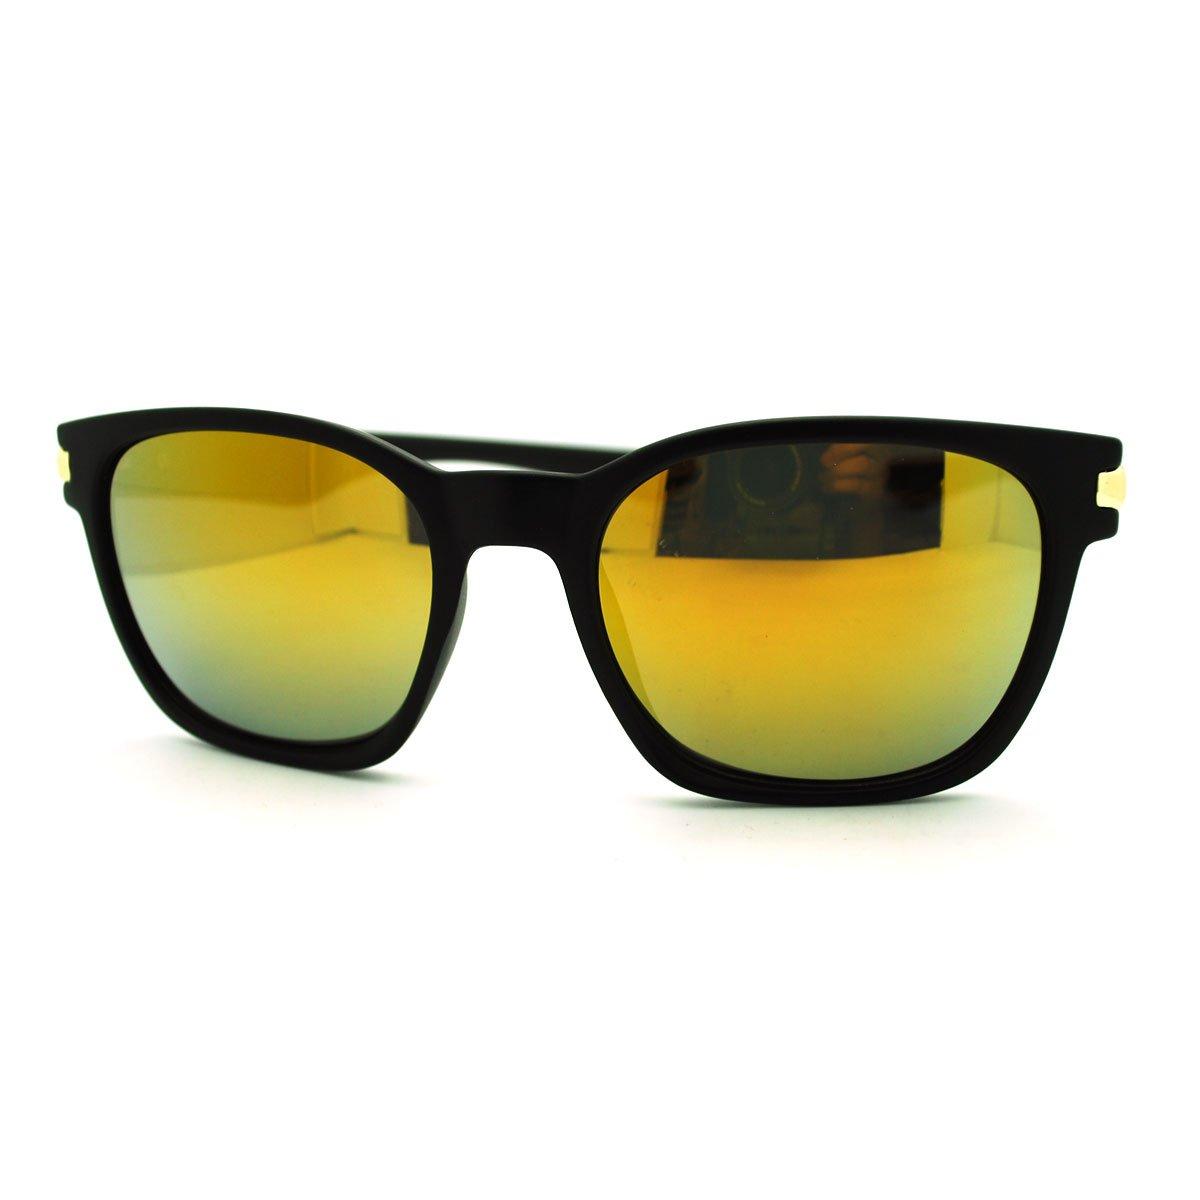 Unisex Casual Fashion Eyewear Black Square Reflective Lens Sunglasses